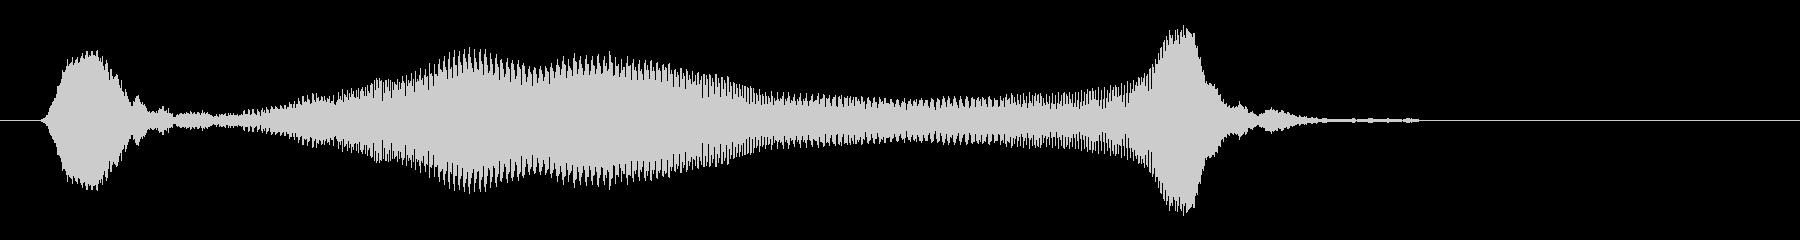 ニャオン(猫の鳴き声・高め)の未再生の波形